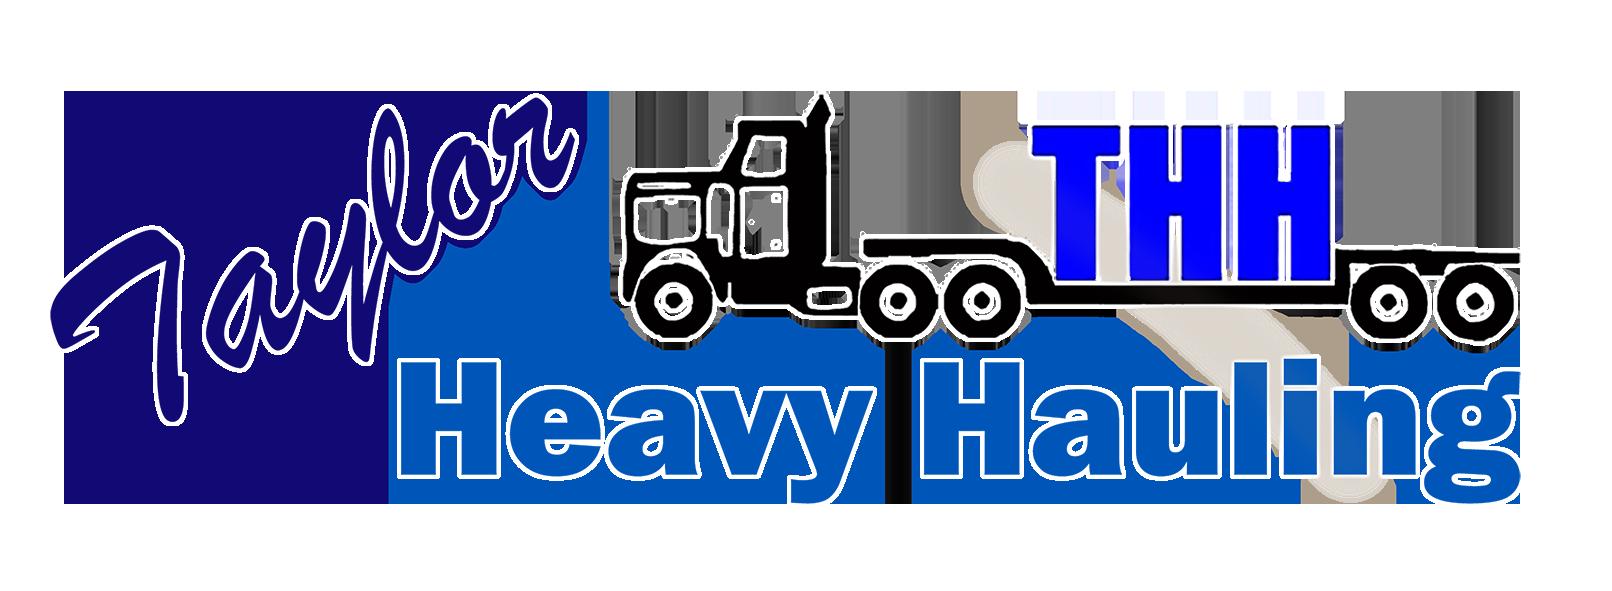 Taylor Heavy Hauling